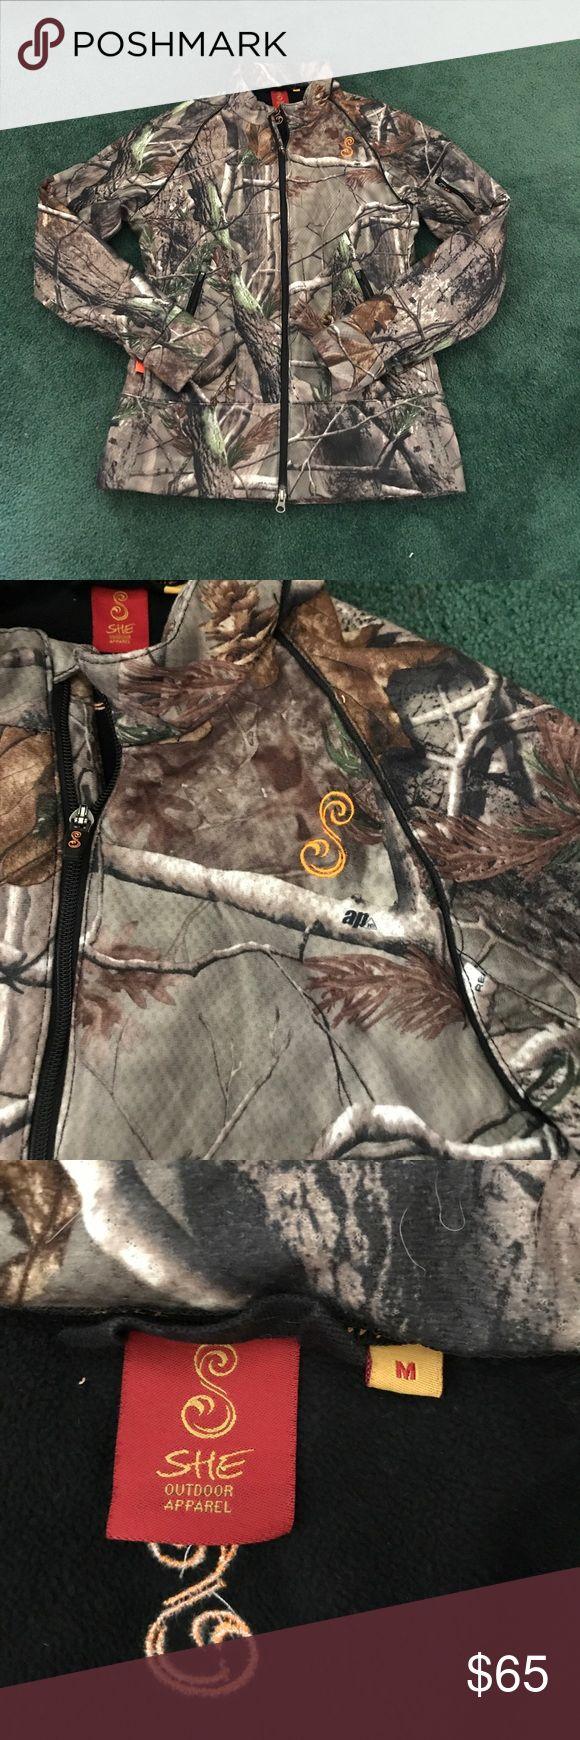 SHE Camo jacket Women's SHE Camo jacket size medium. Jackets & Coats